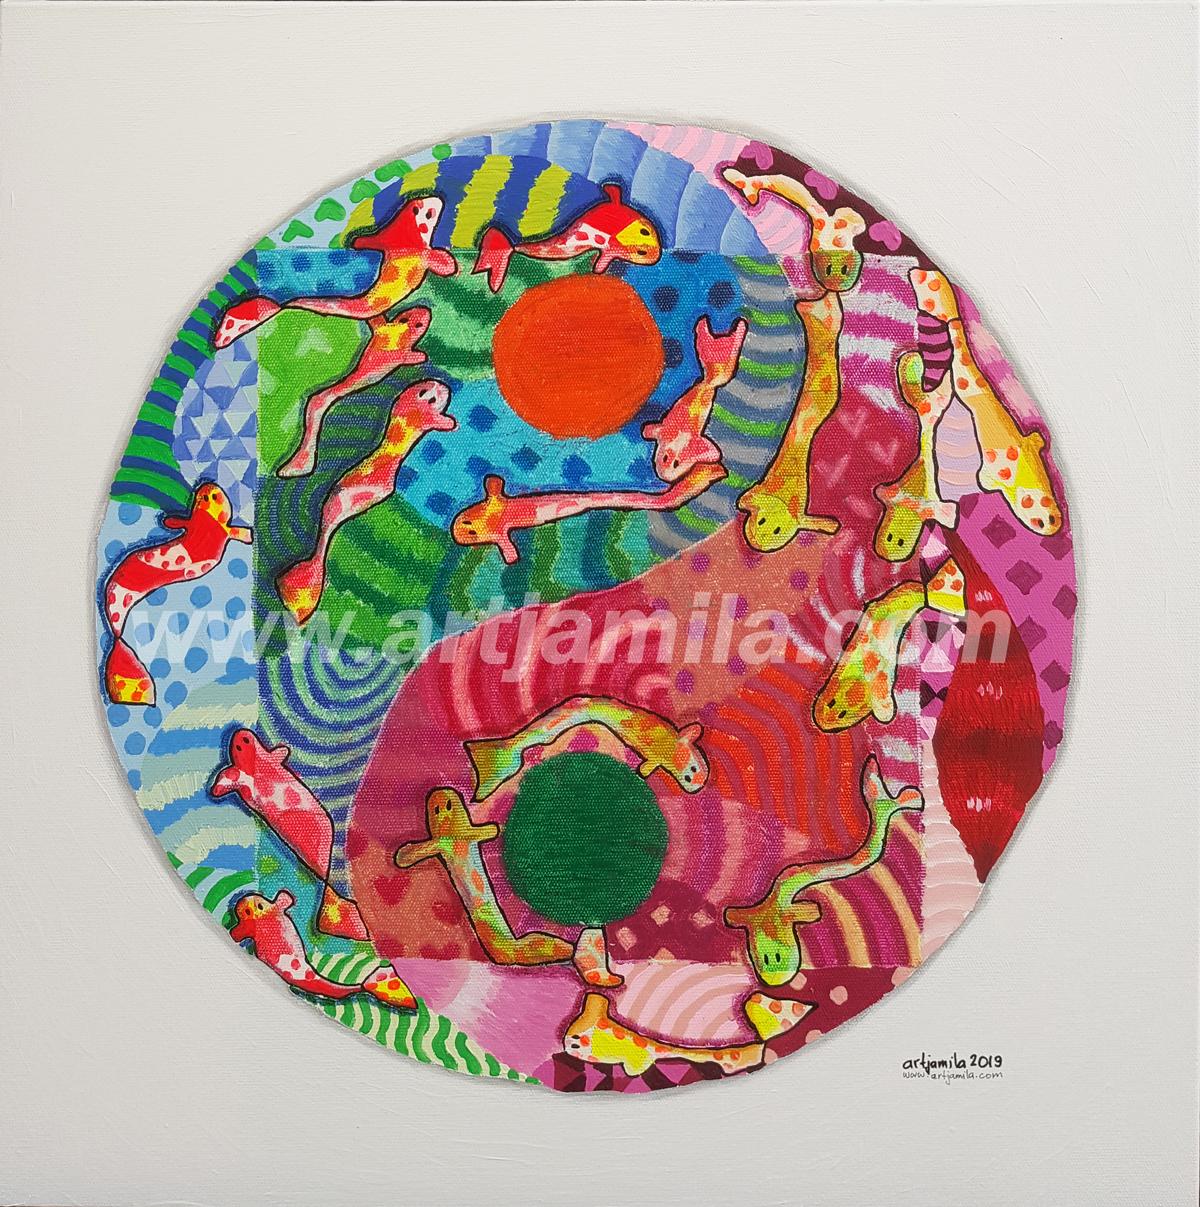 Fishmosaic Yin Yang (Koil) Series 2. 2x2. watermark